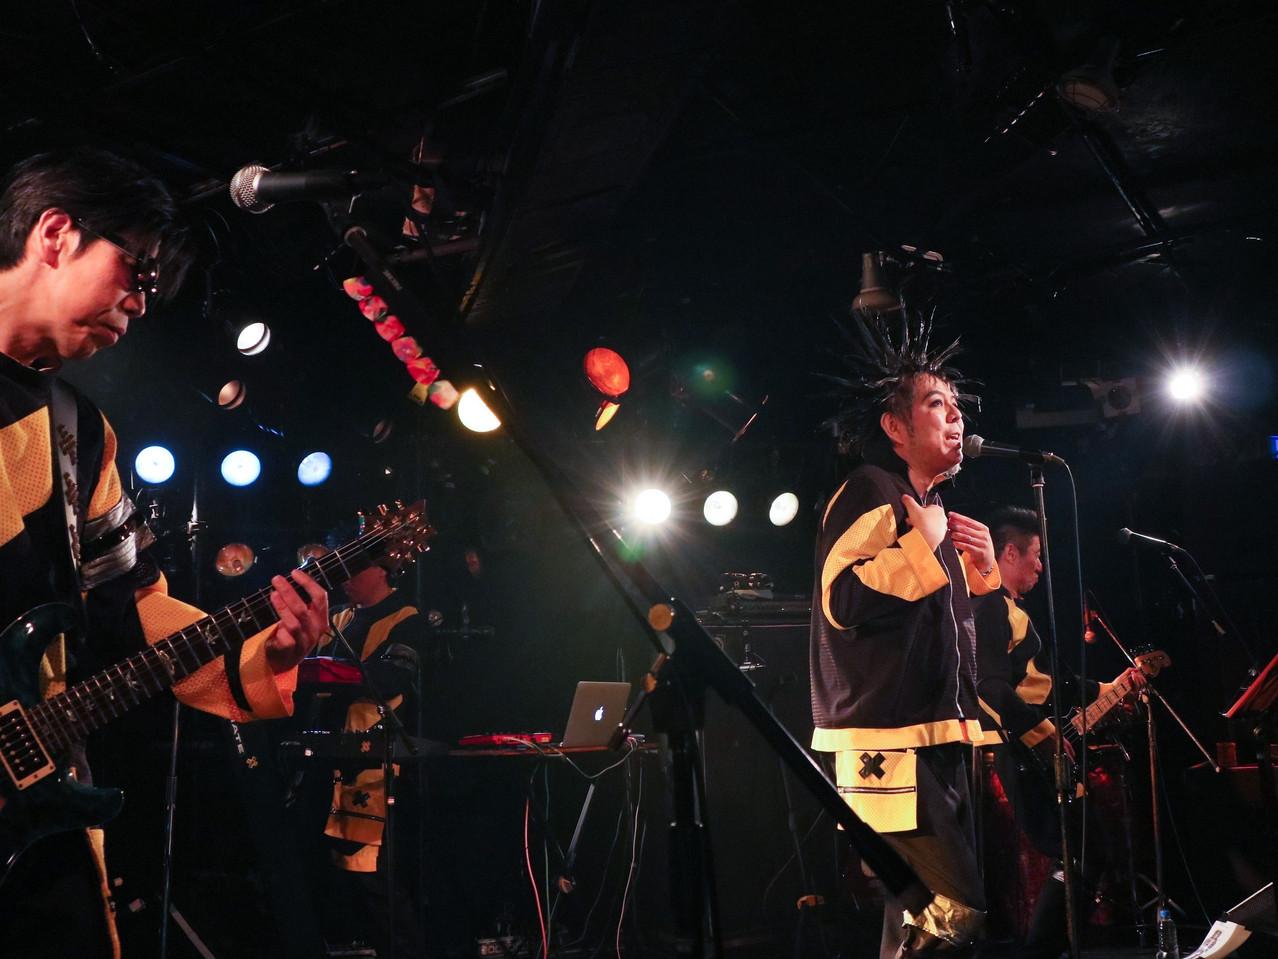 2019.02.10 有頂天 ラママ